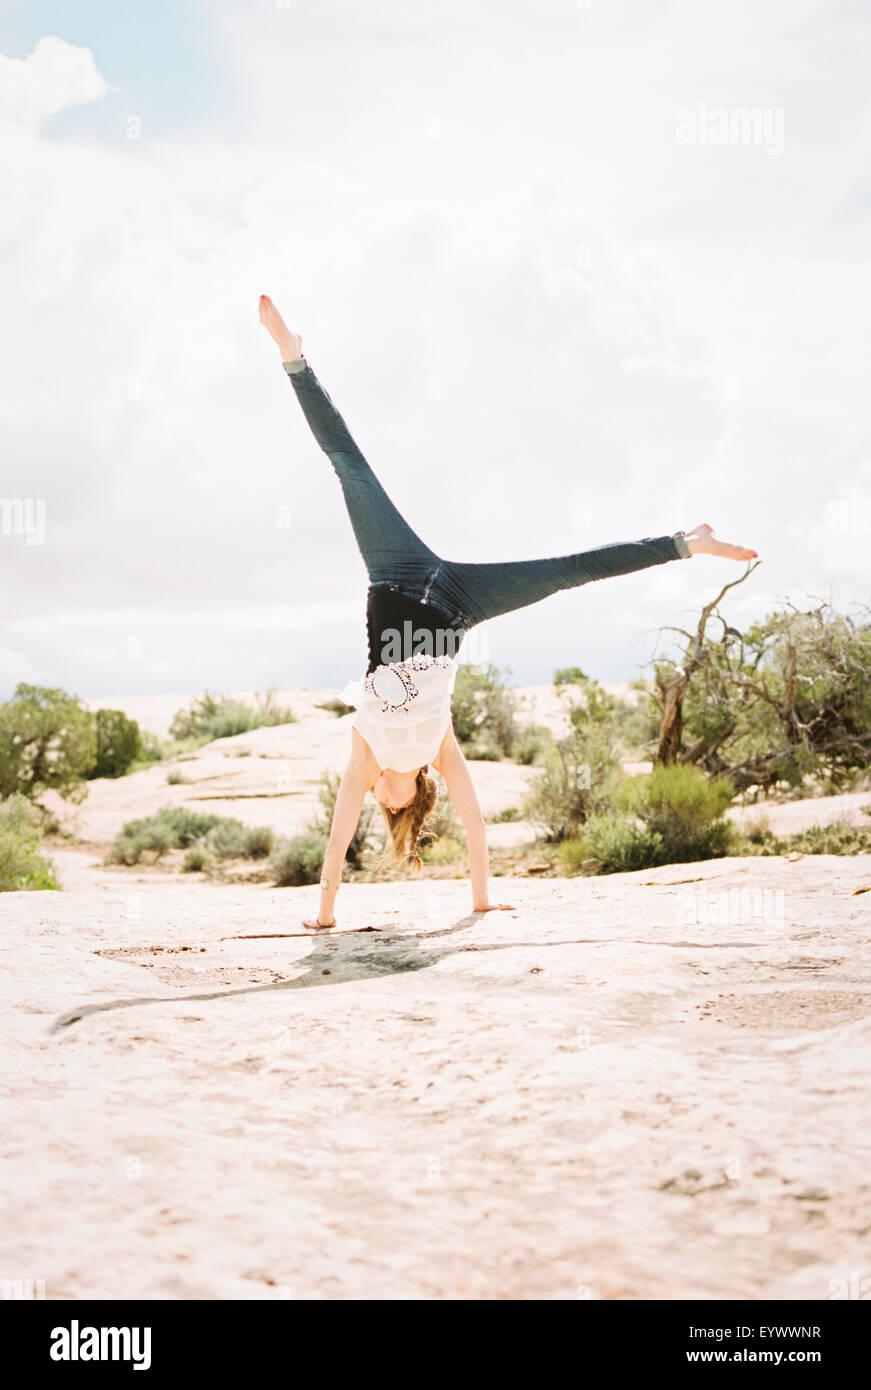 Barefoot woman wearing jeans, cartwheeling - Stock Image